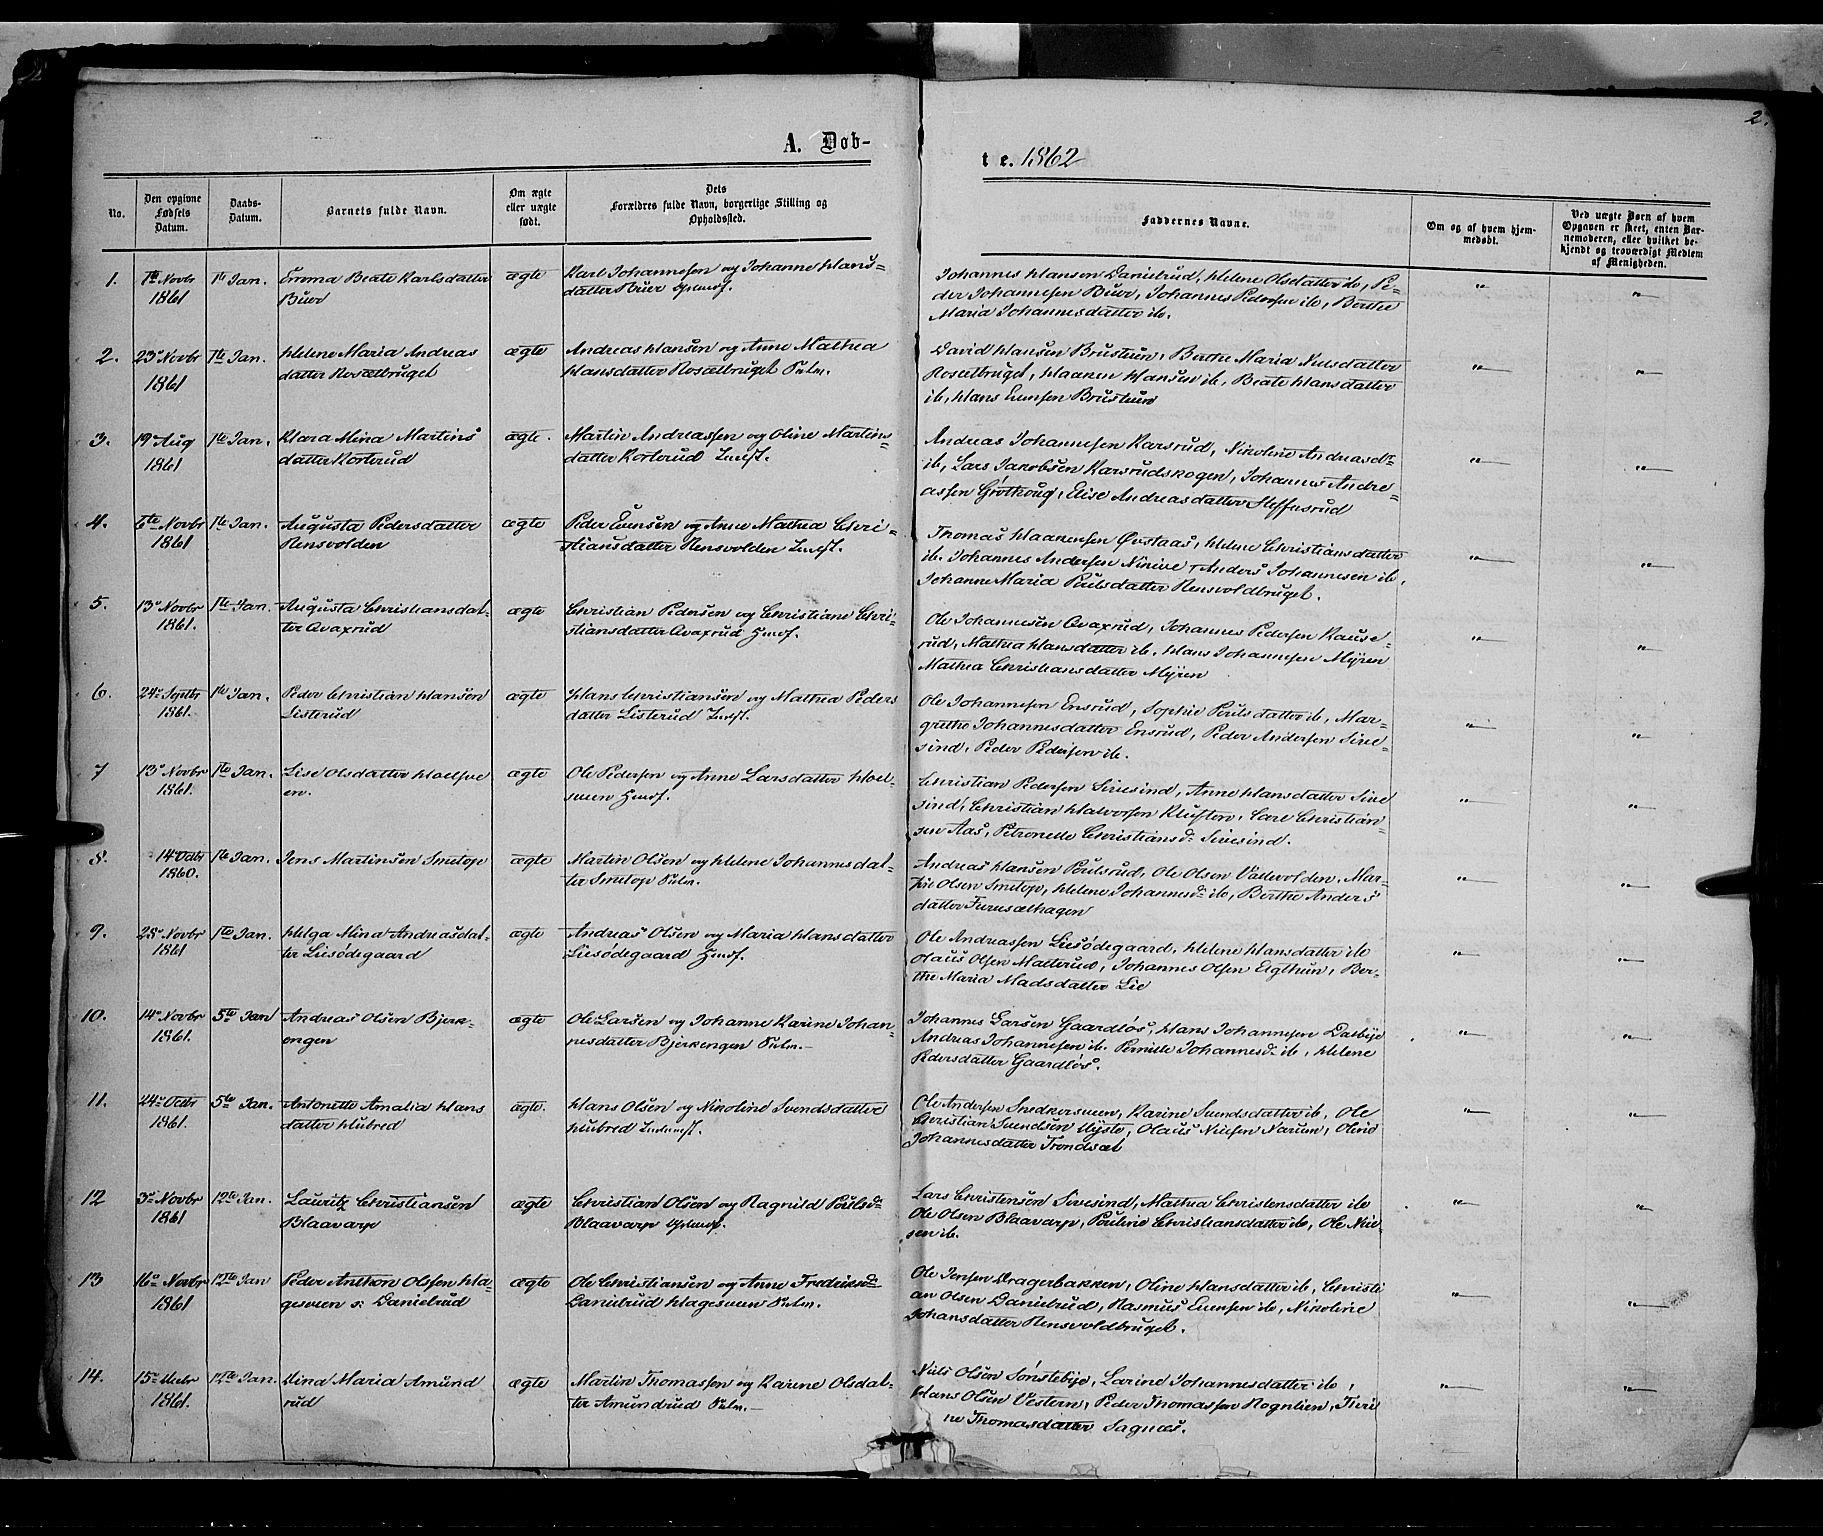 SAH, Vestre Toten prestekontor, Ministerialbok nr. 7, 1862-1869, s. 2